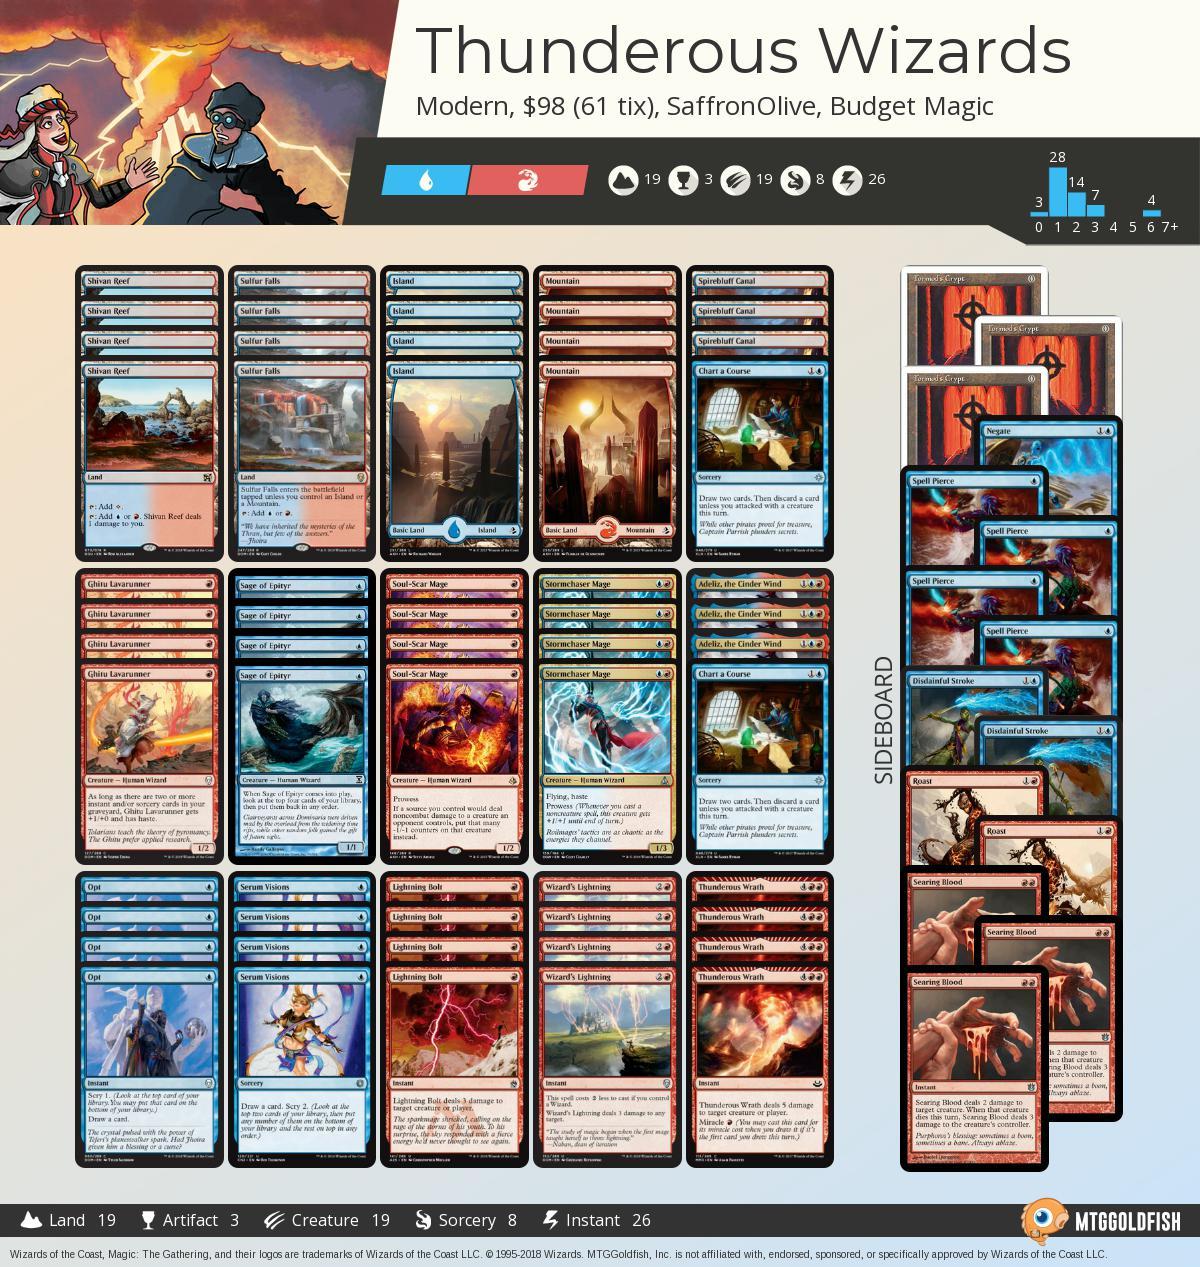 Thunderous%2bwizards a8fce1fb 5389 4232 8073 c4cee274e6bc%2ejpg